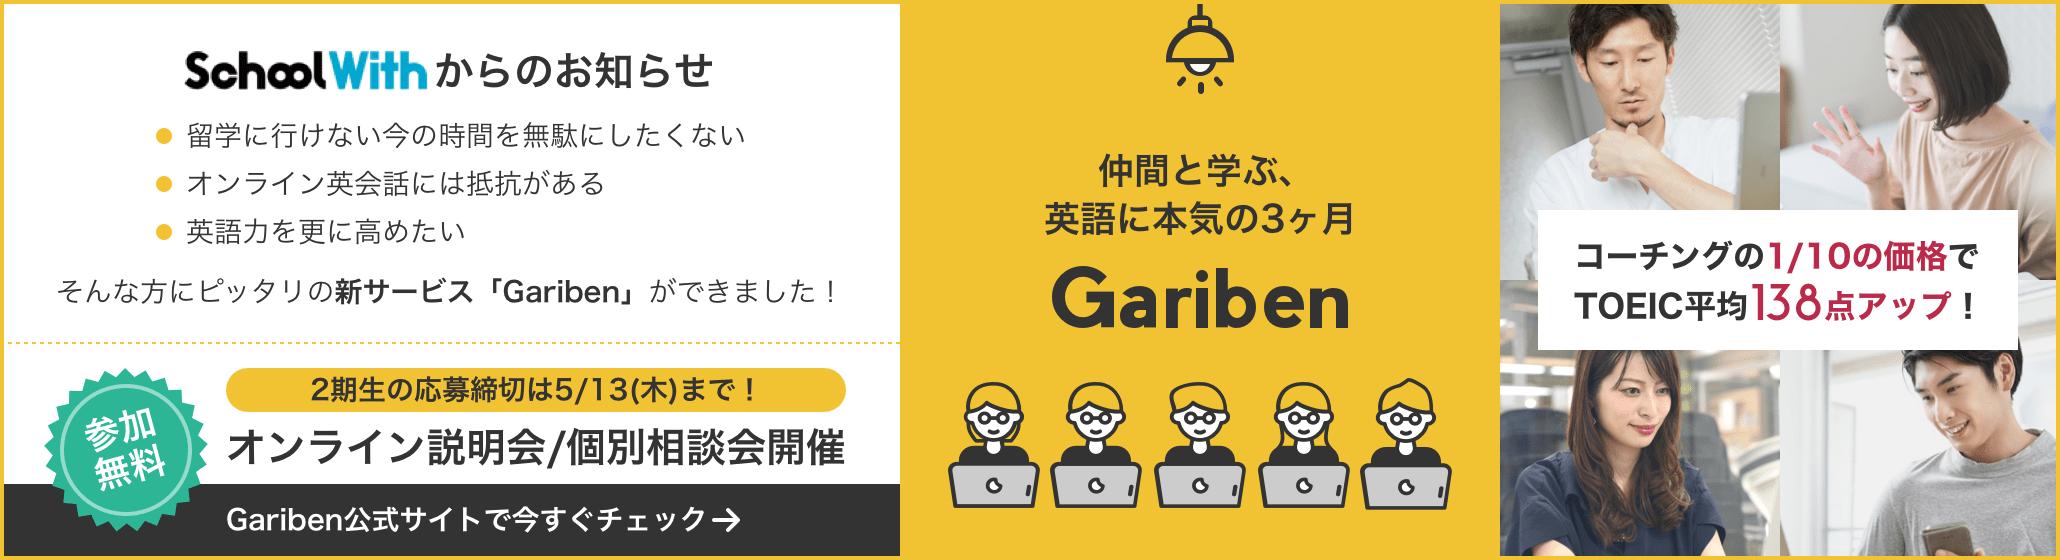 仲間と学ぶ、英語に本気の3ヶ月 Gariben